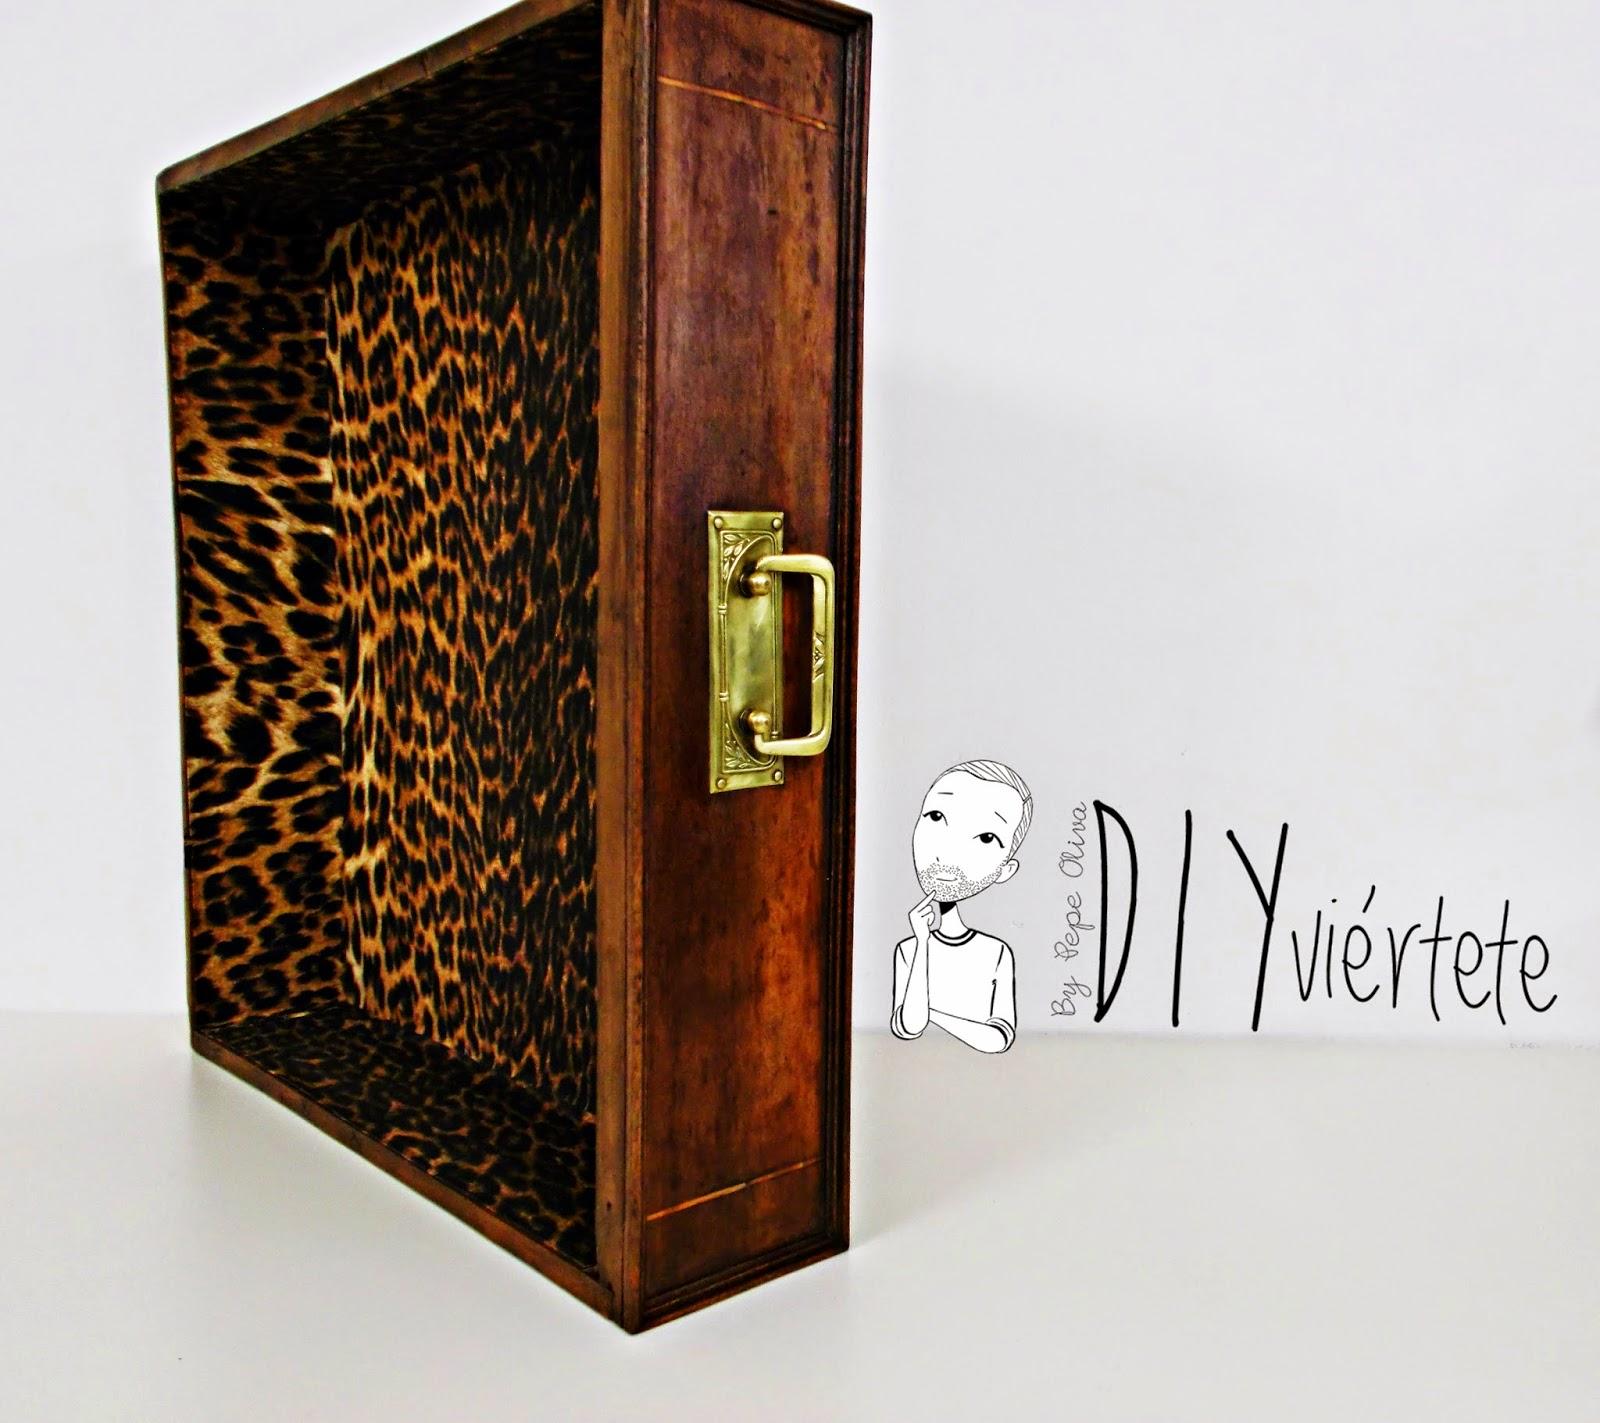 DIY-decoración-cómoda-mueble-restaurar-forrar-cajones-tela-leopardo-3